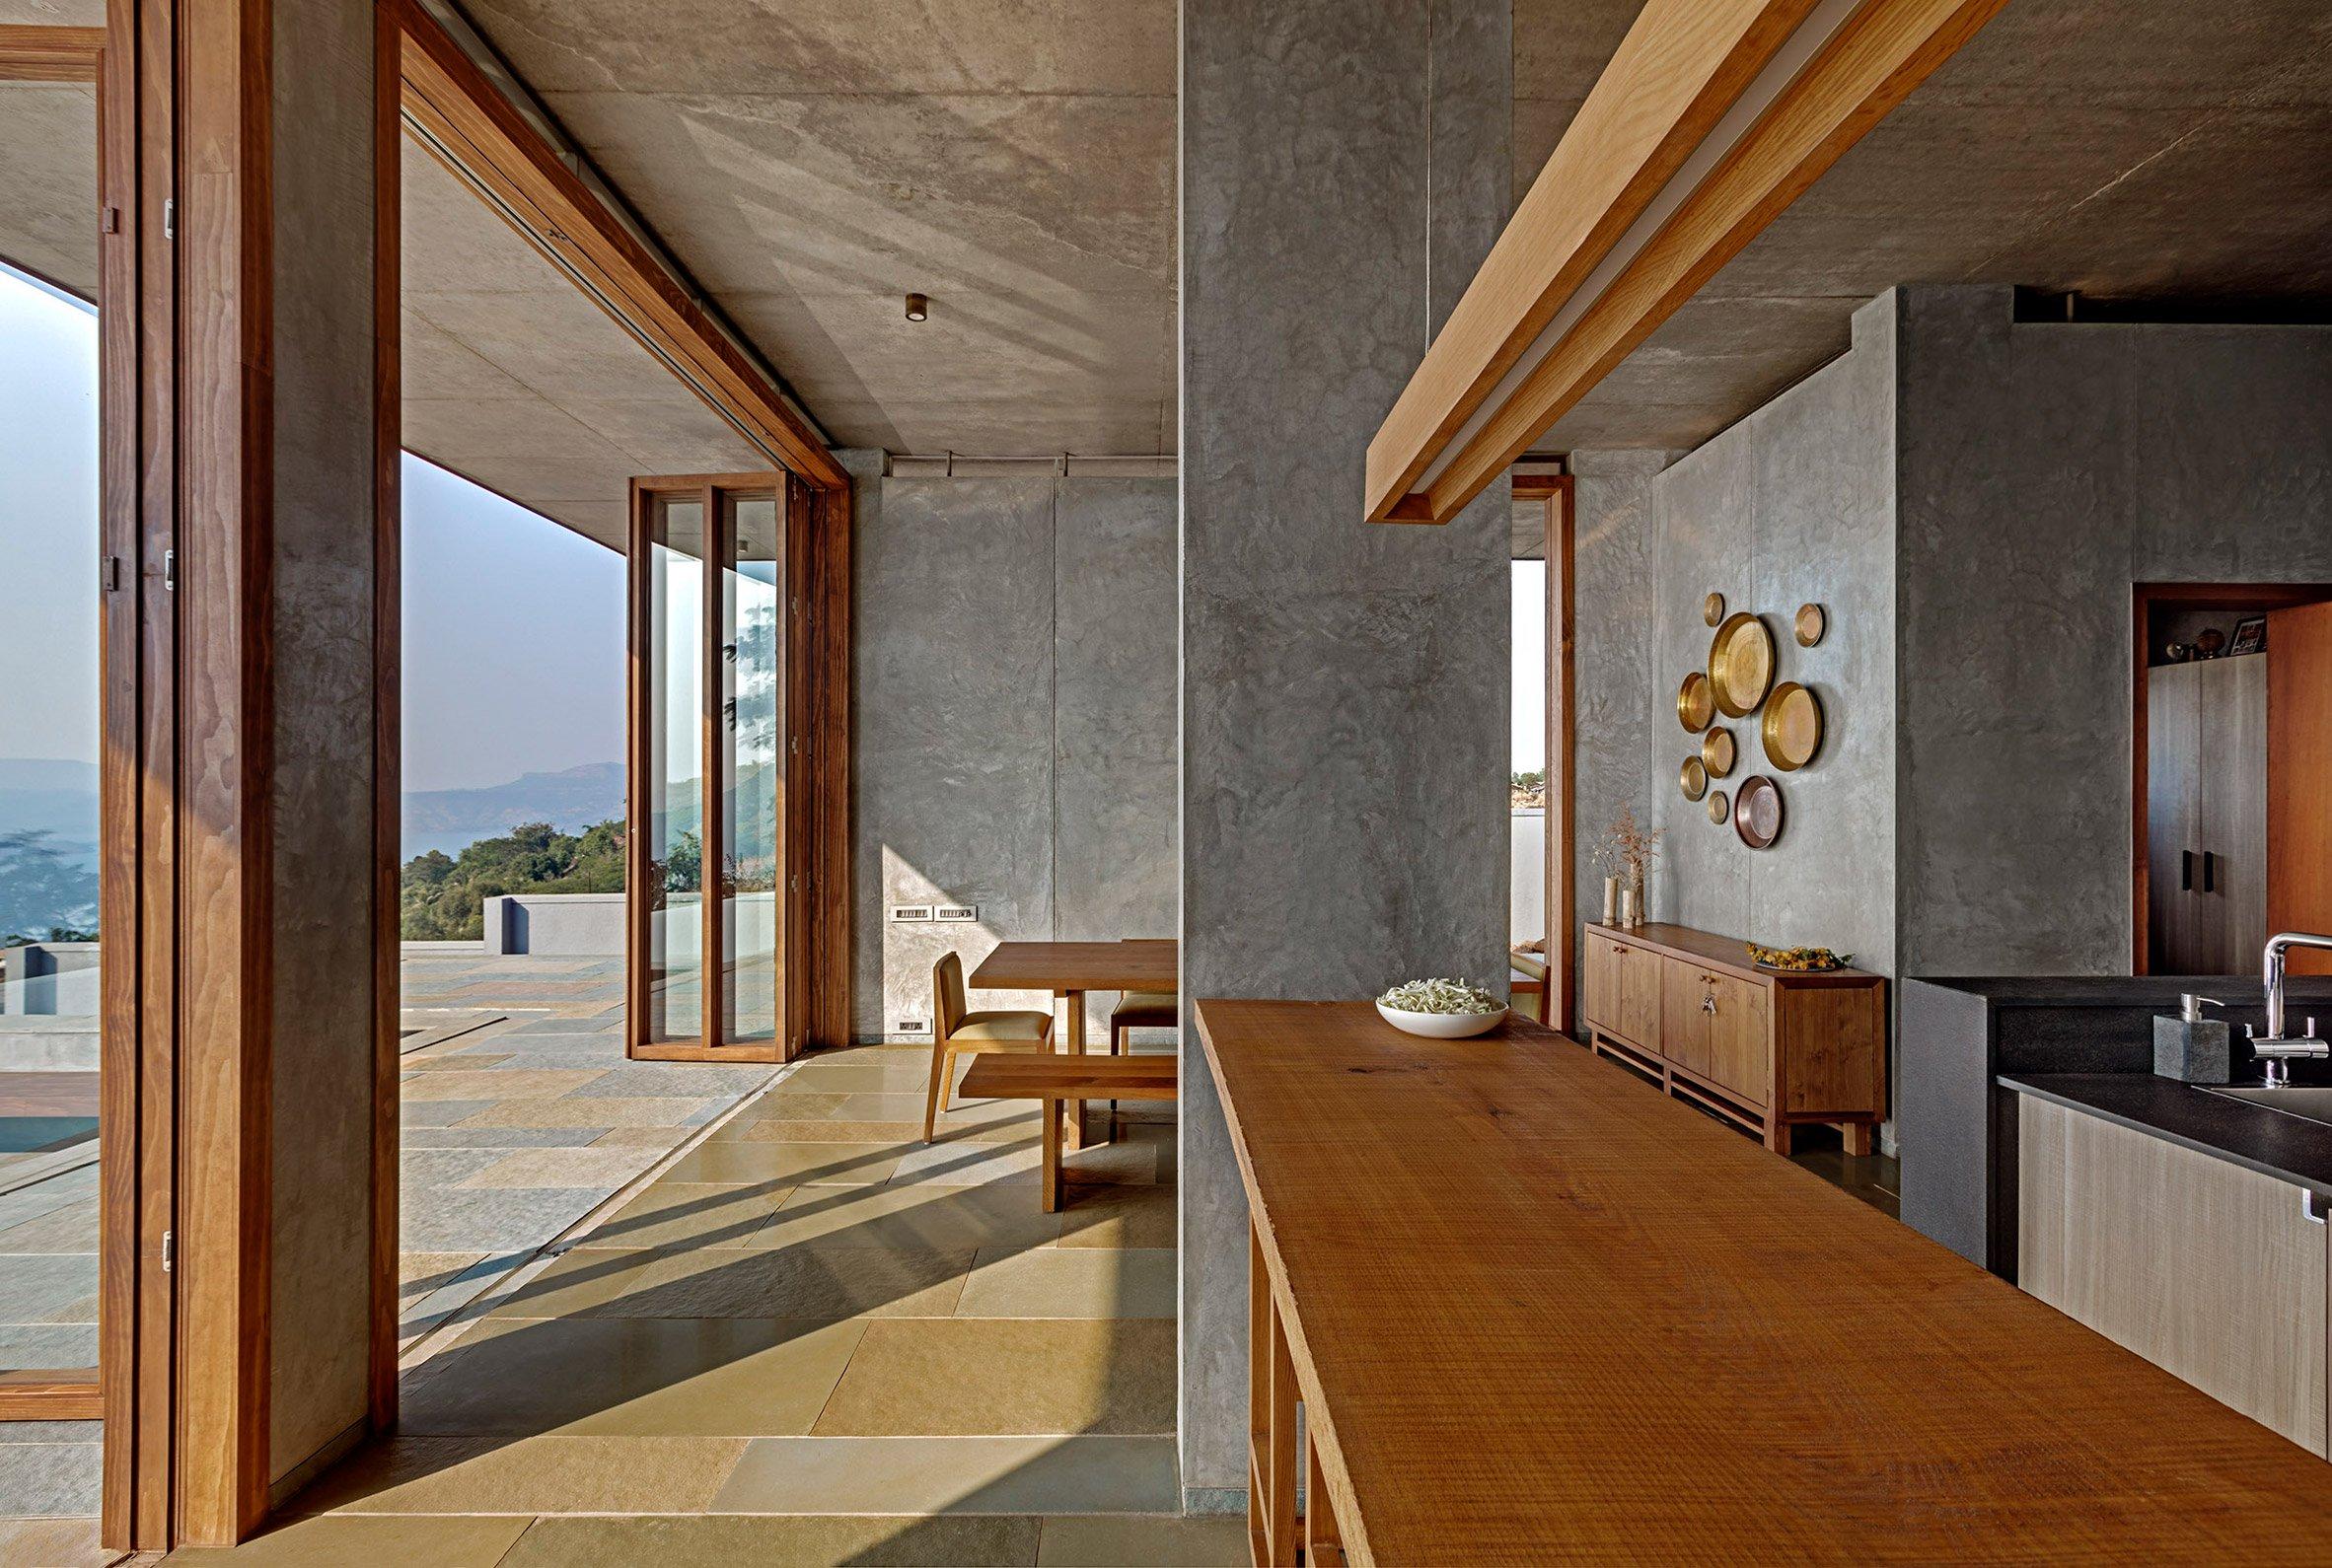 Il posto ideale per meditare e godere della bellezza delle montagne dell'India / Shamanth Patil J.